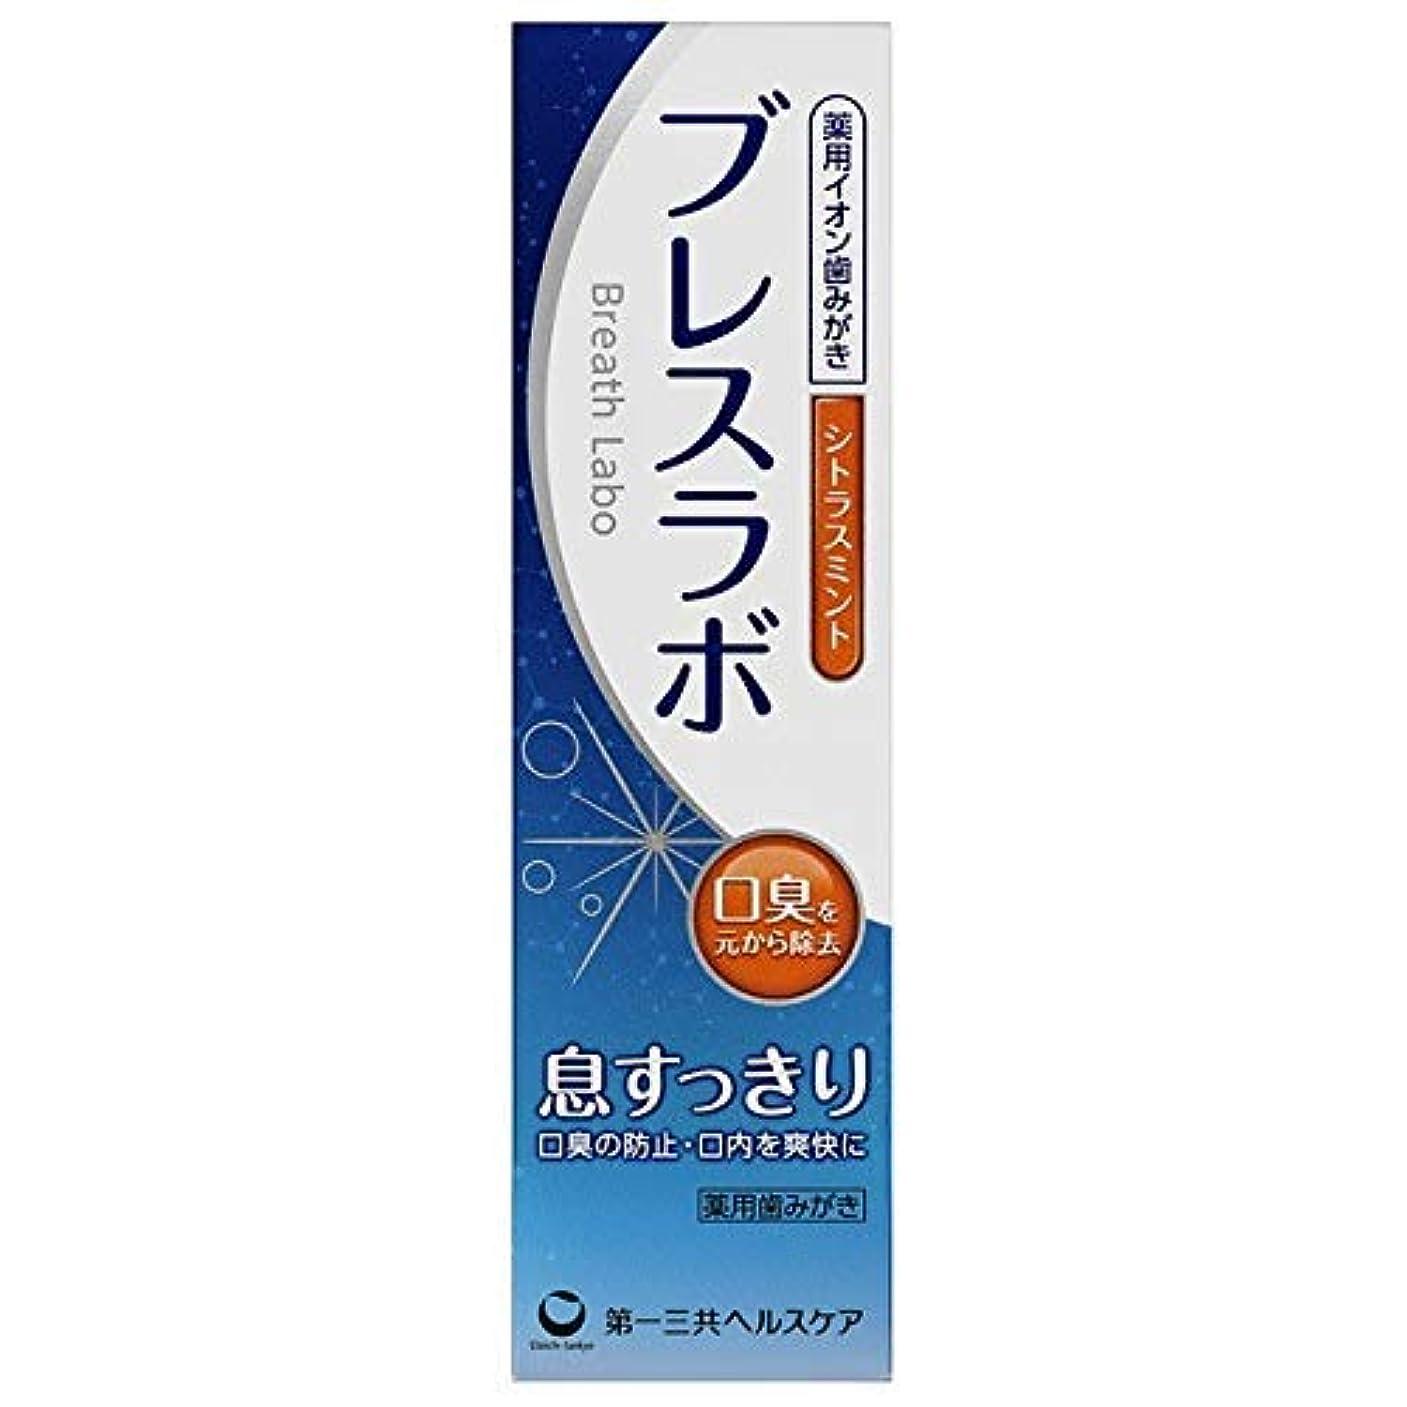 エアコン予防接種する故意の【10個セット】ブレスラボ シトラスミント 90g